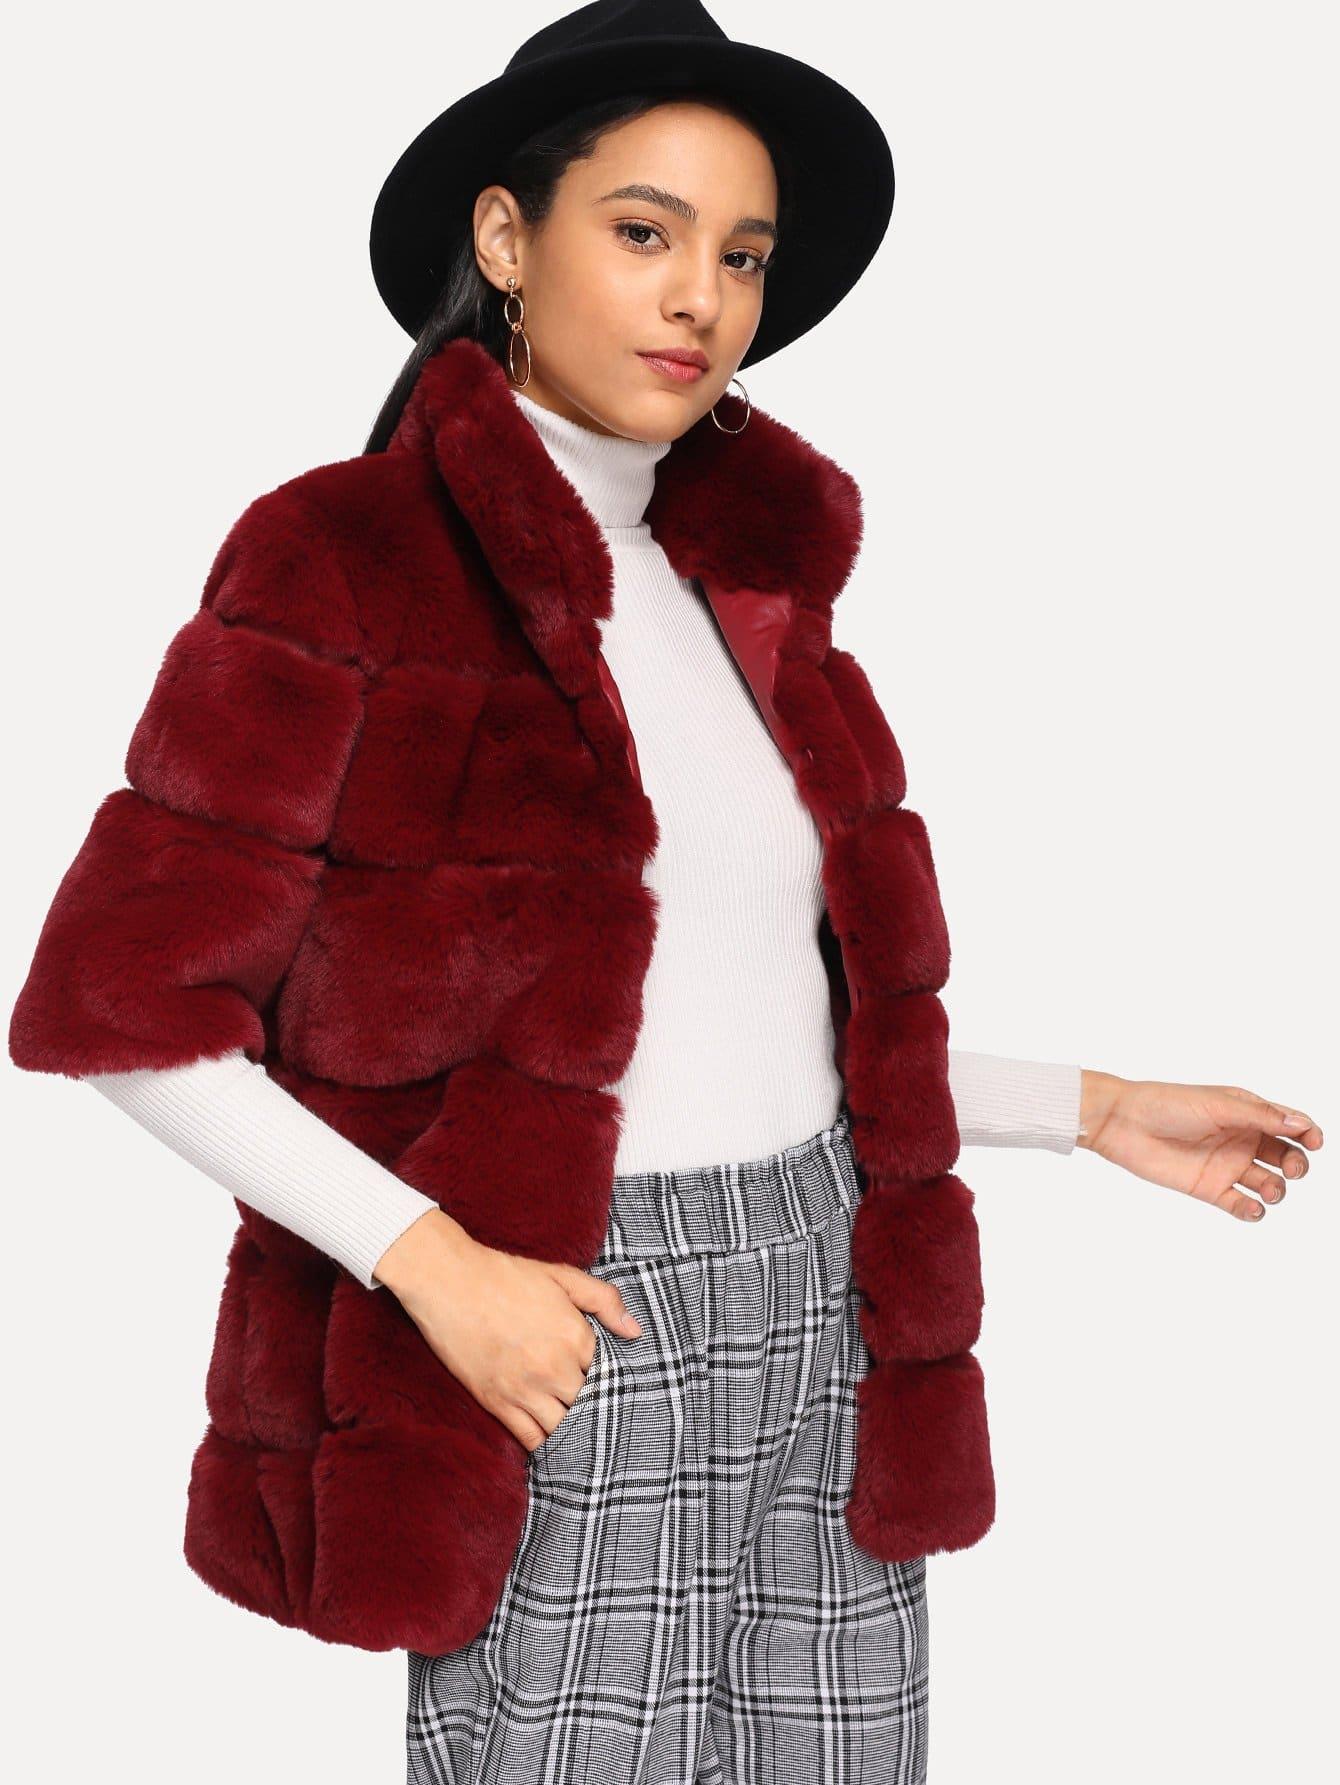 Открытое переднее текстурированное меховое пальто из меха SheIn